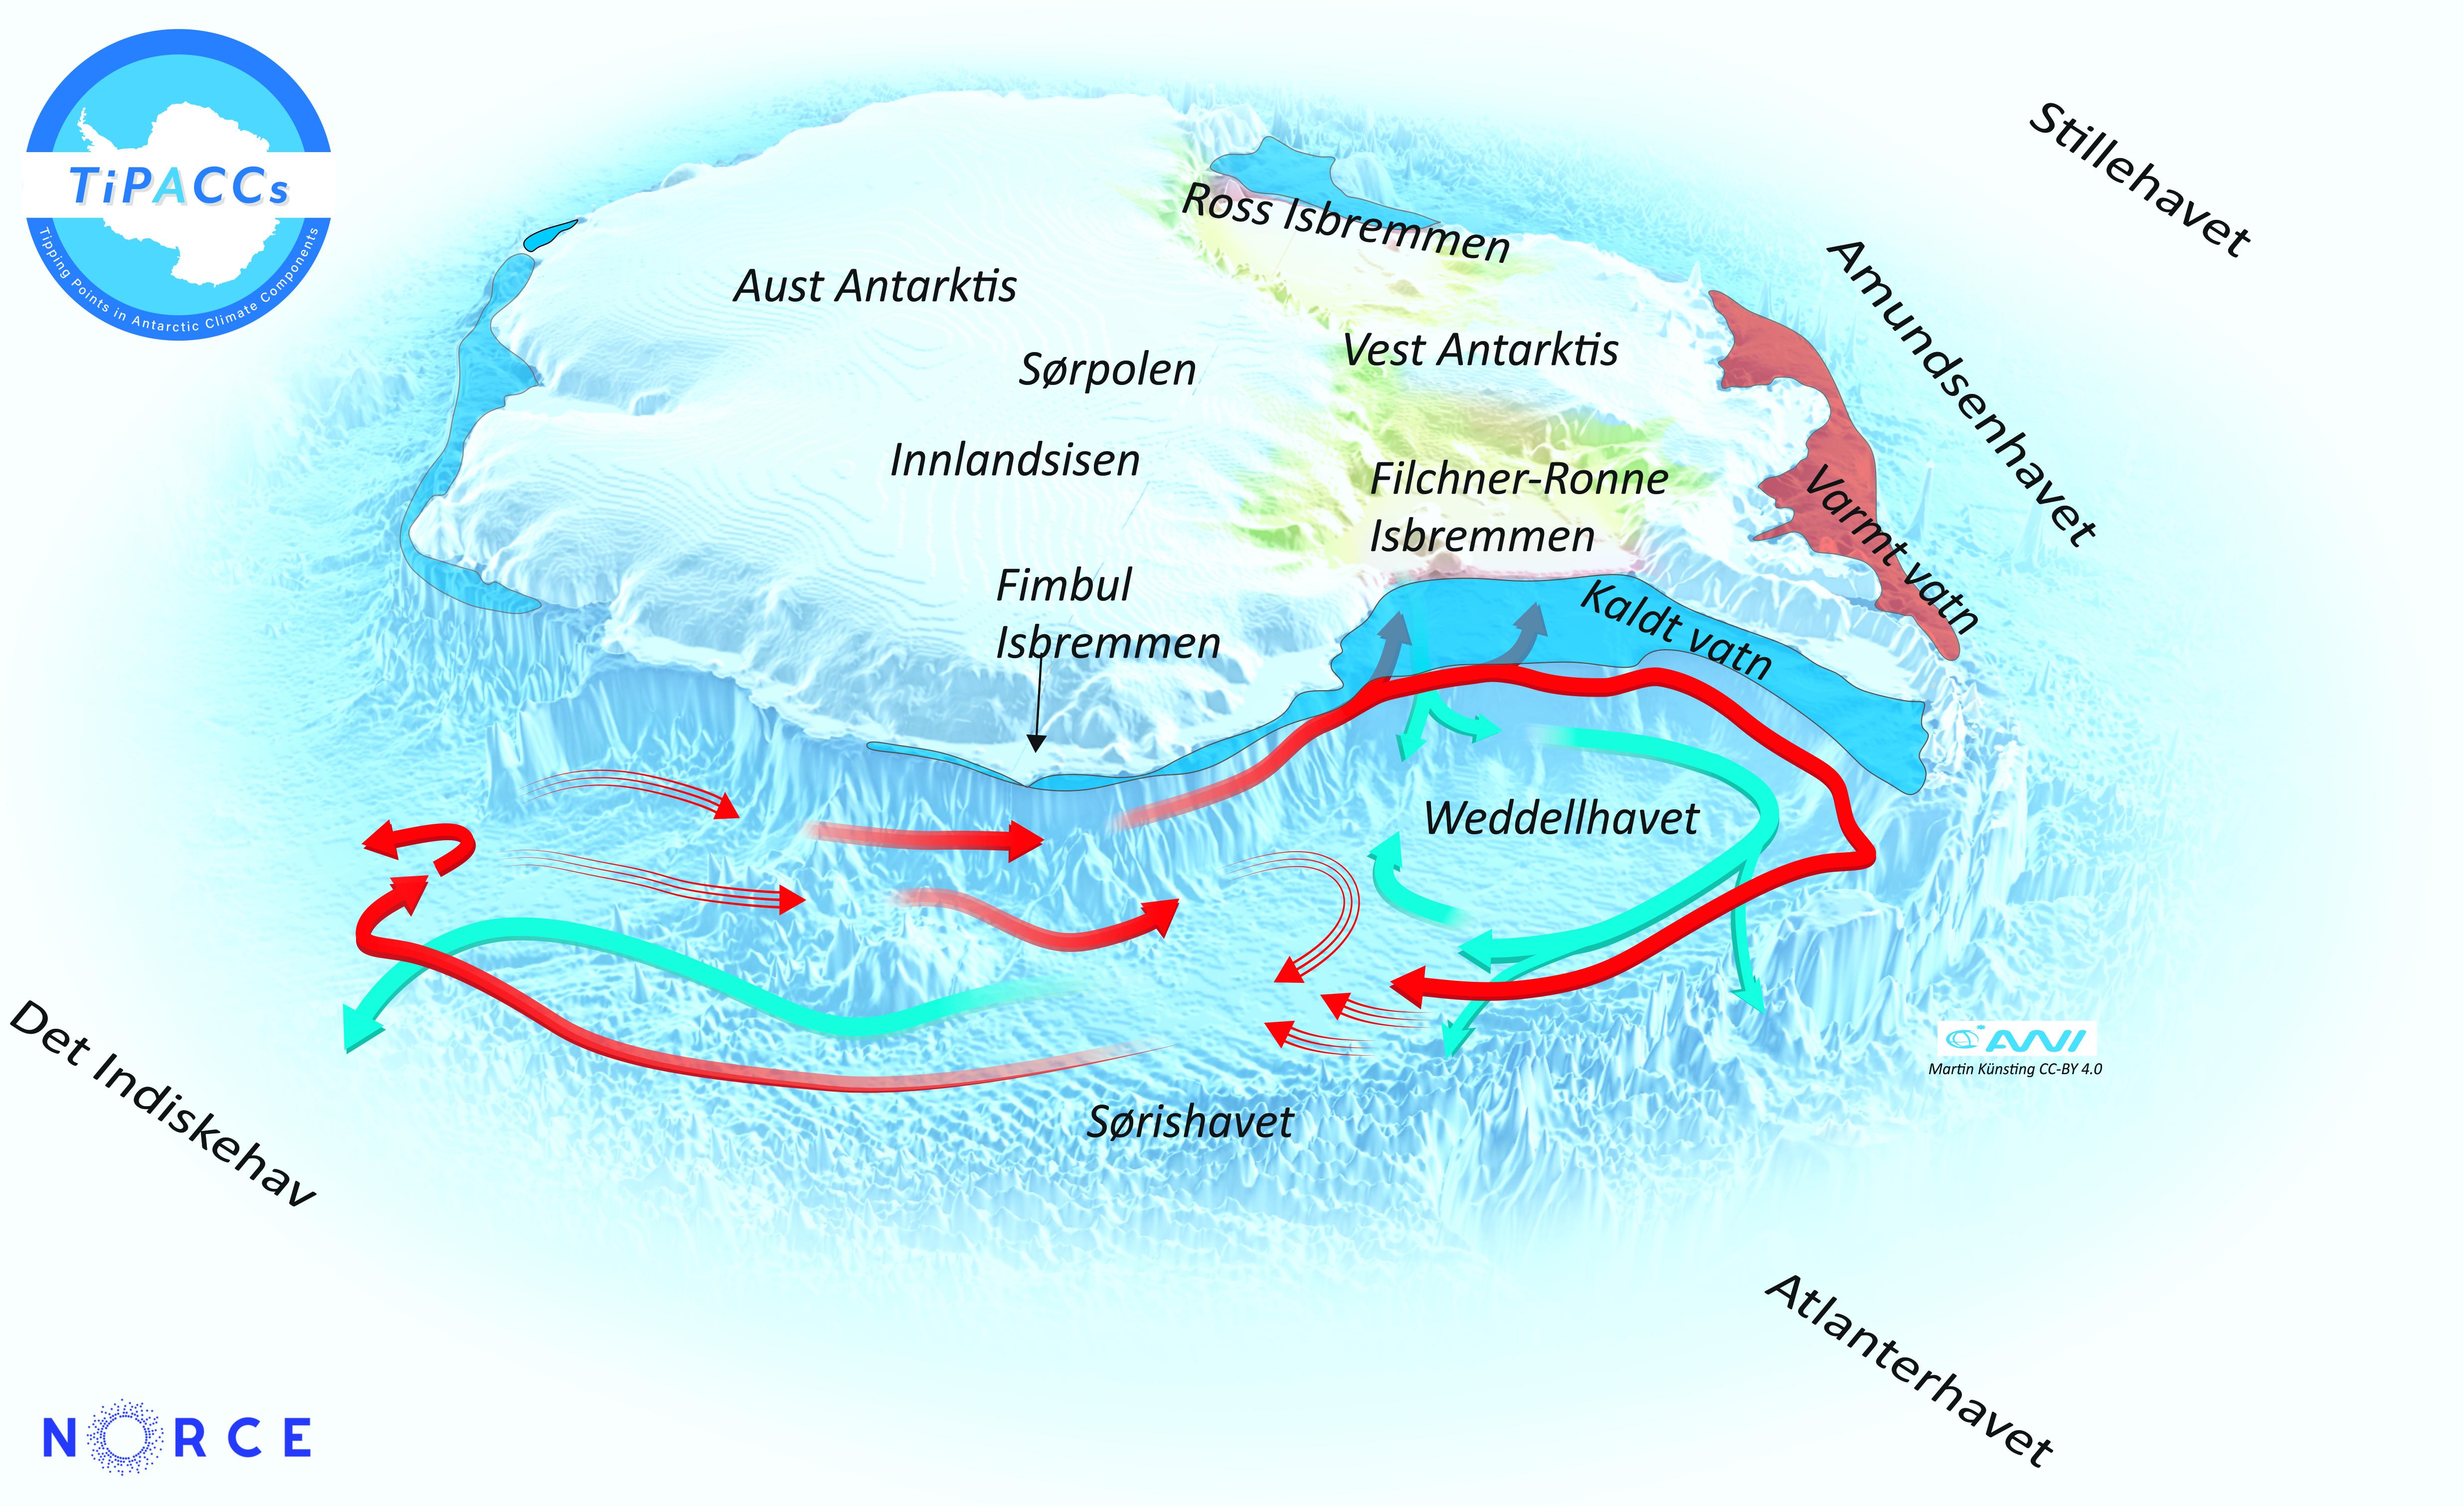 AWI Antarktis 261019 nyn 003